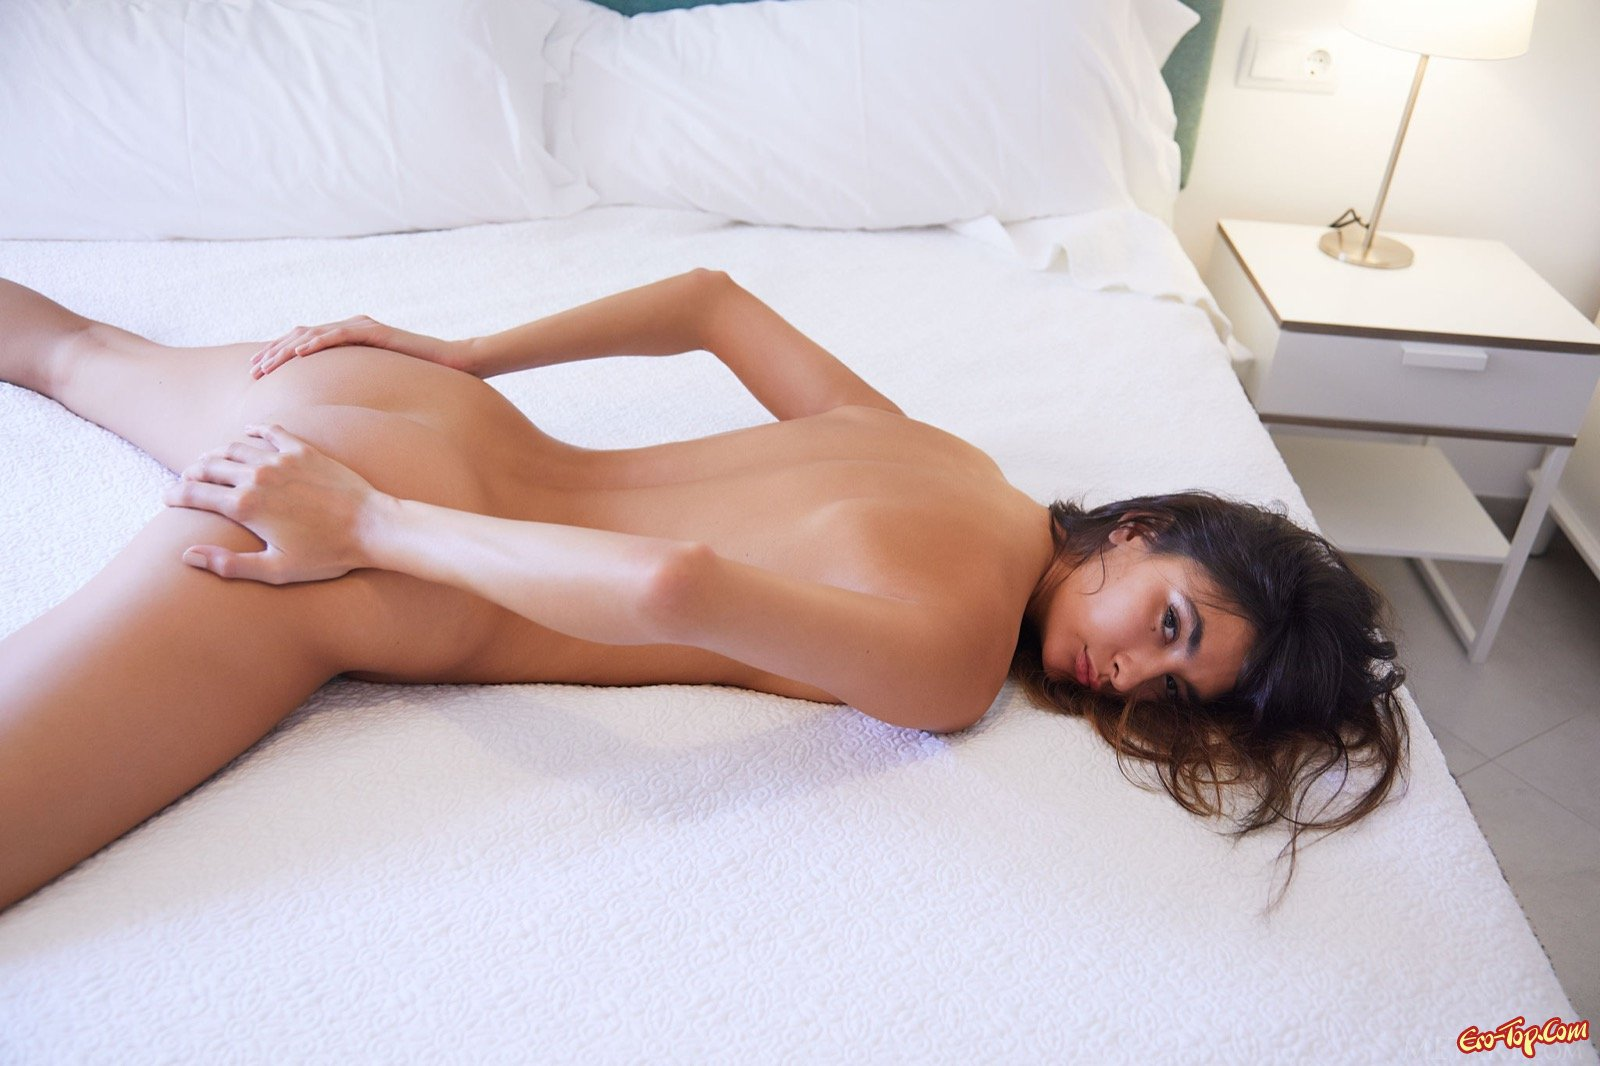 Эротичная модель с сексуальным телом сняла белье